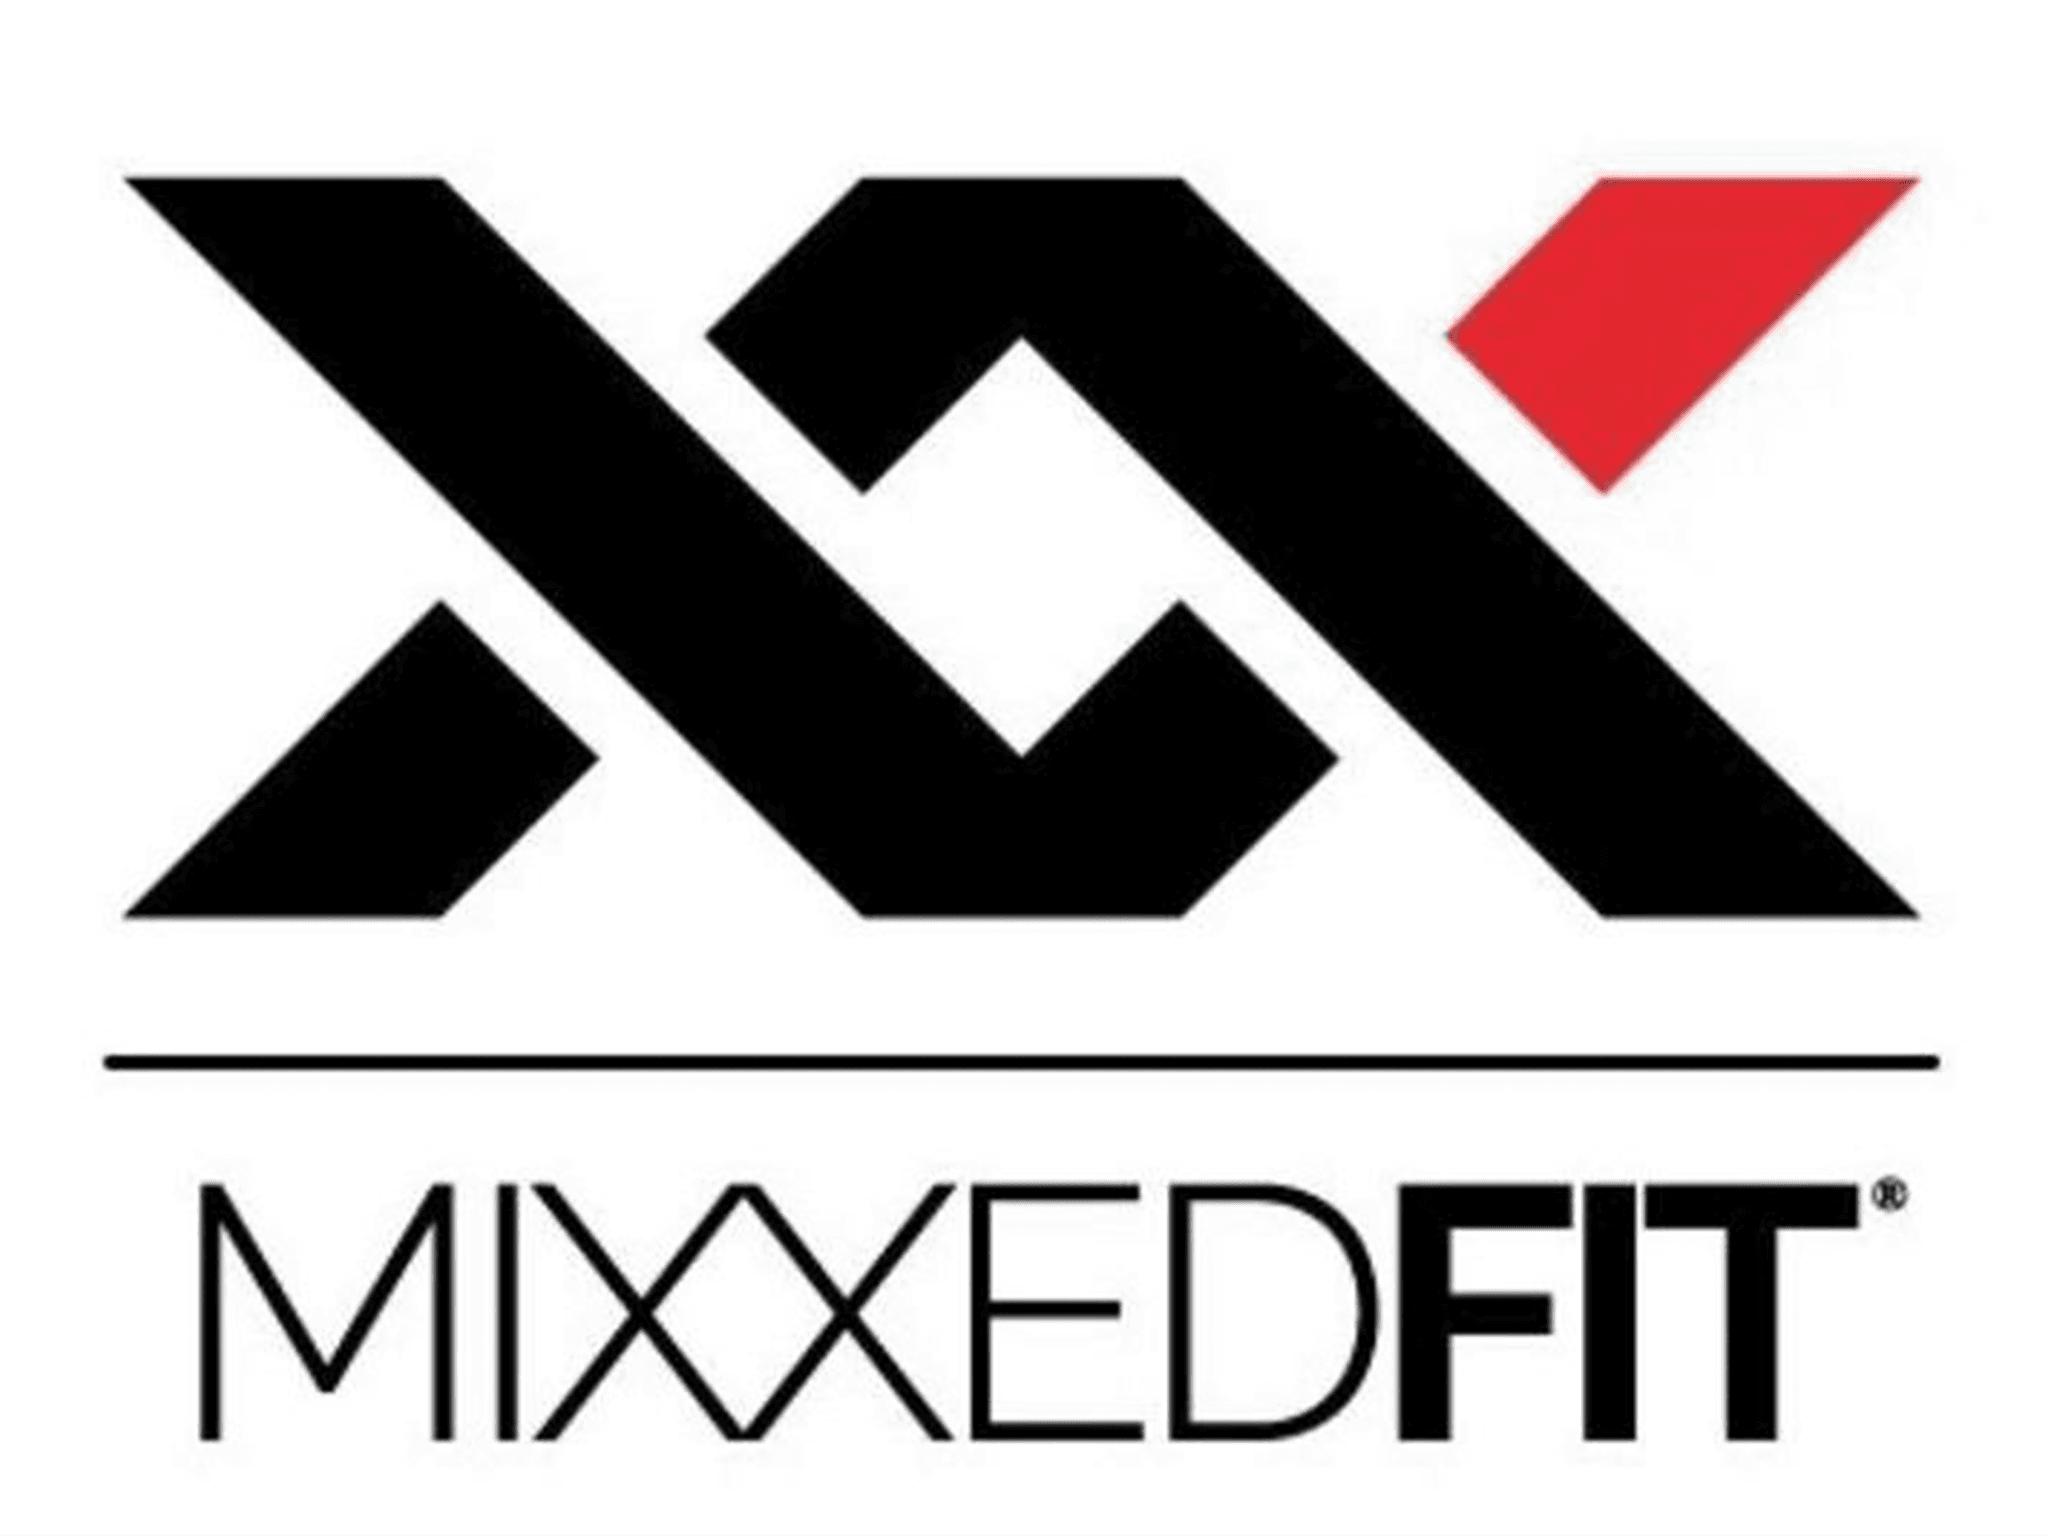 MixxedFitGraphic